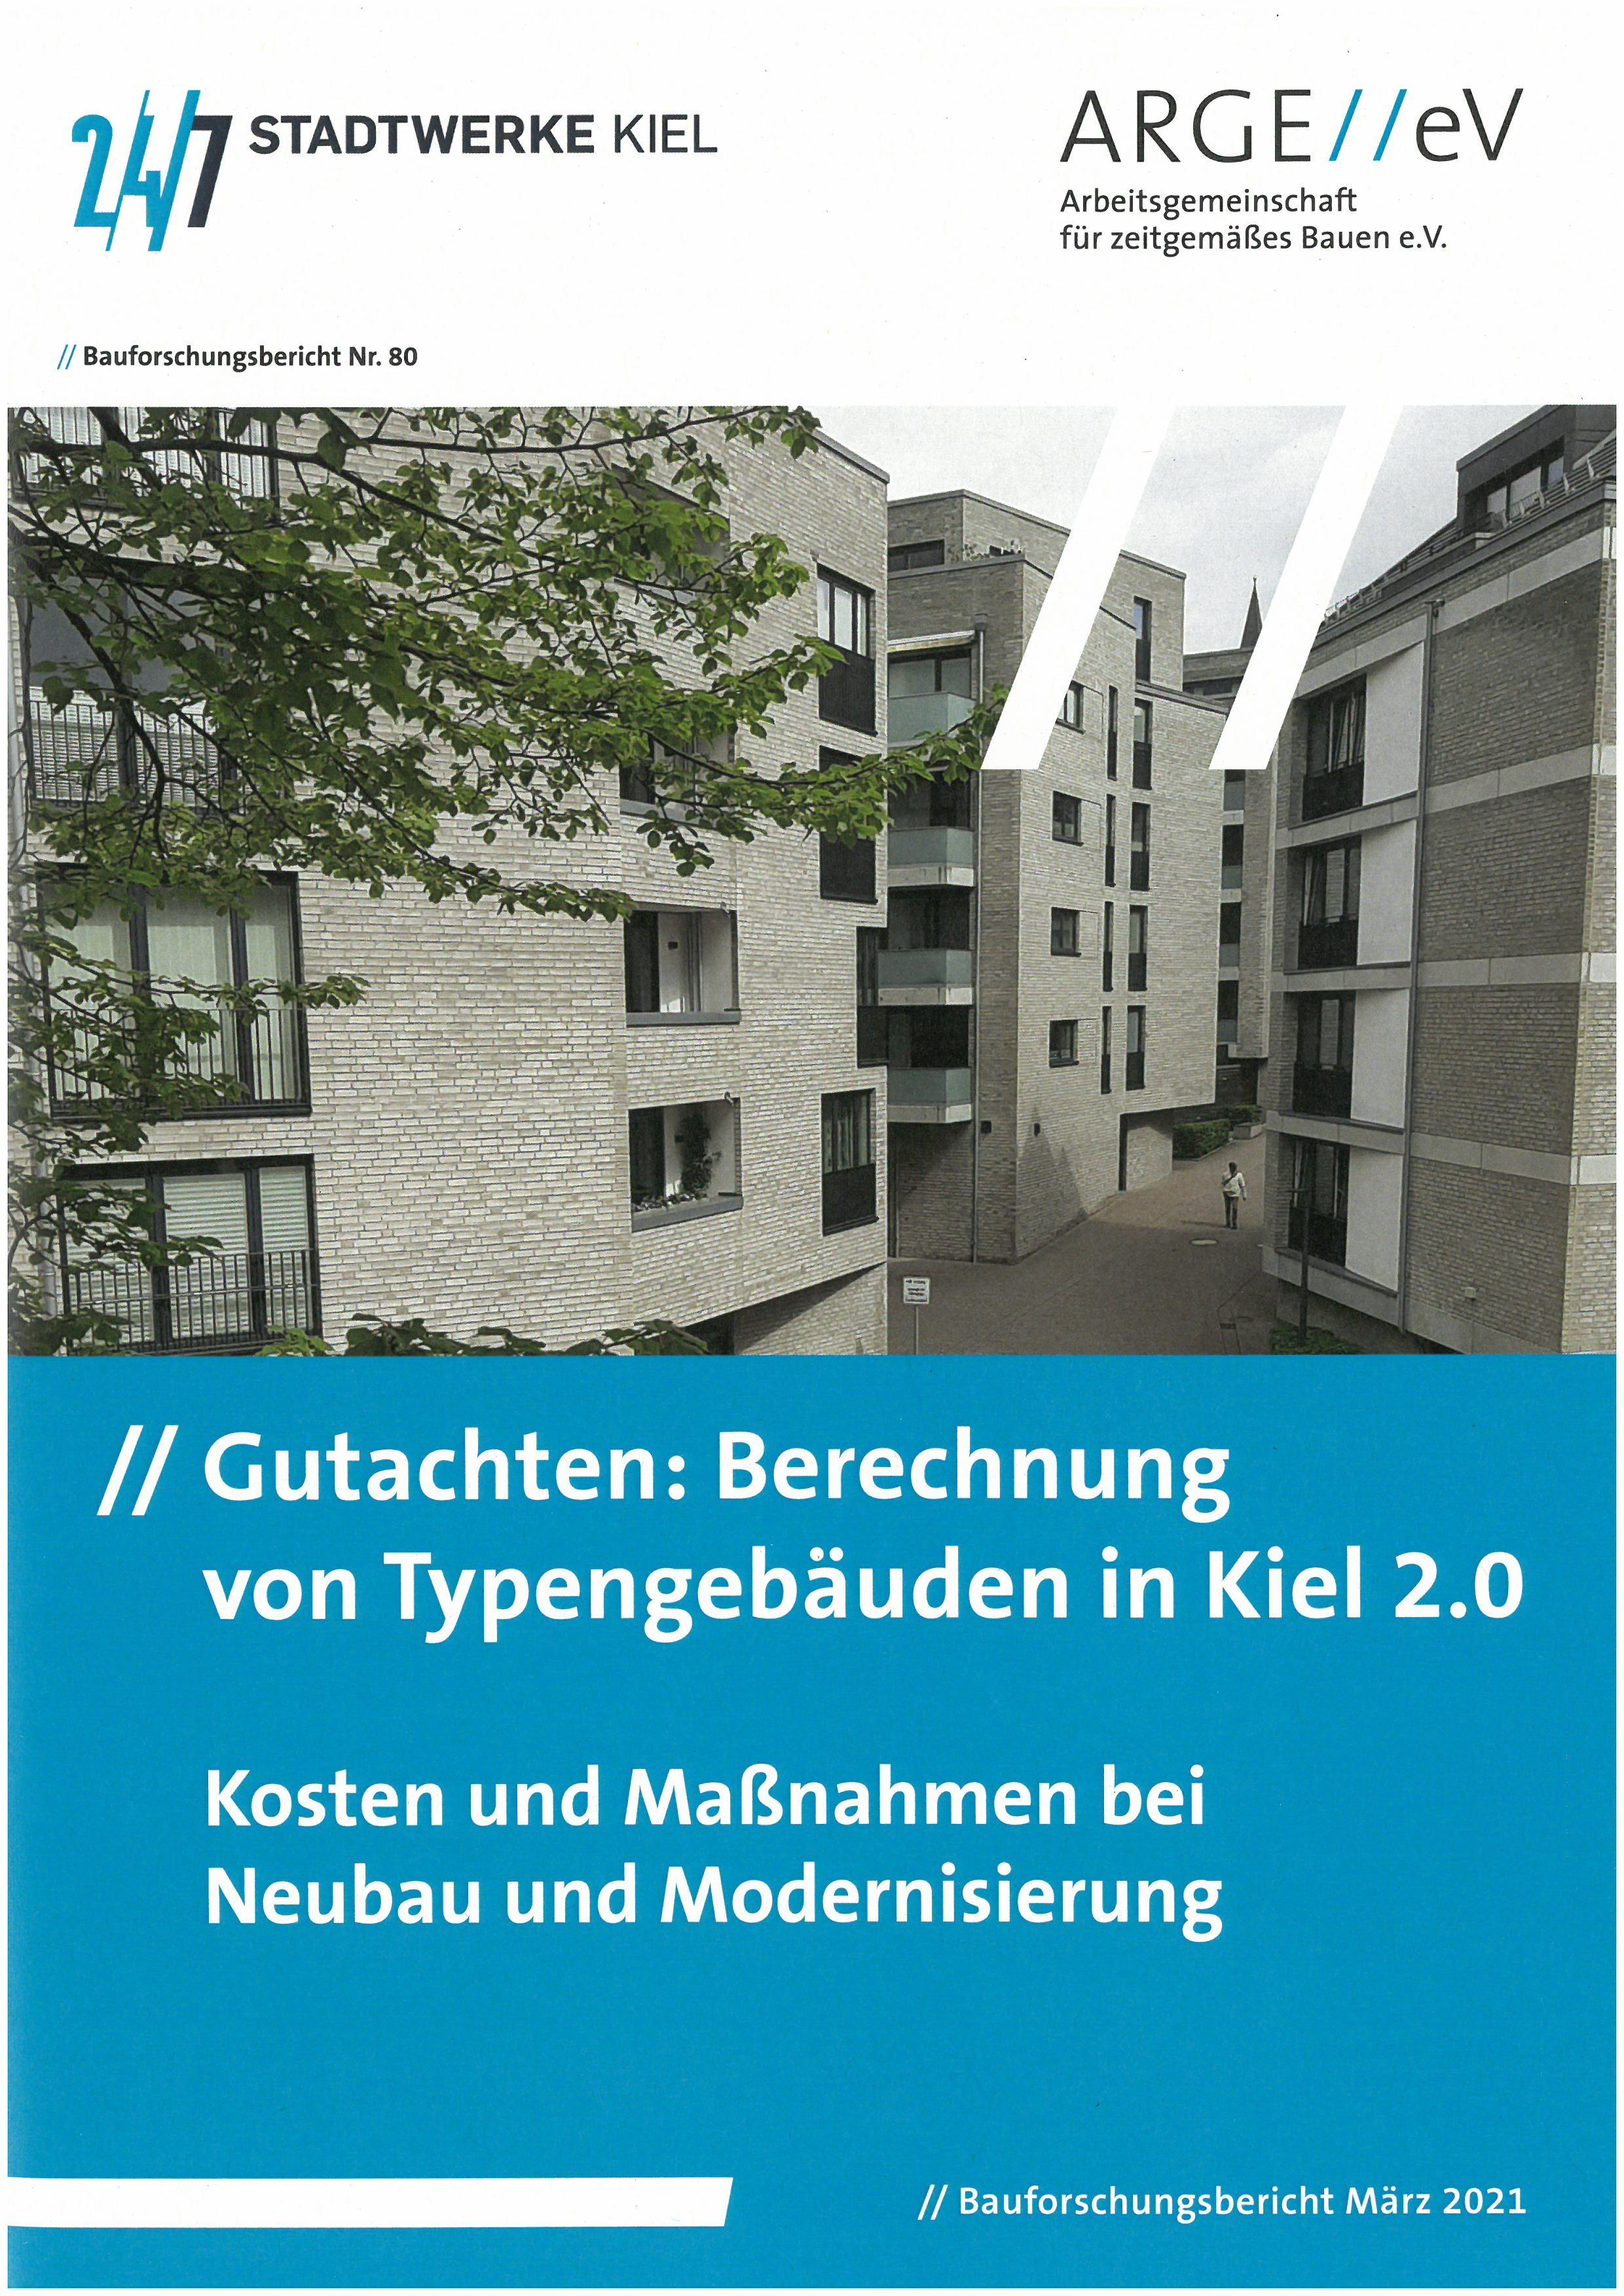 Gutachten: Berechnung von Typengebäuden in Kiel 2.0